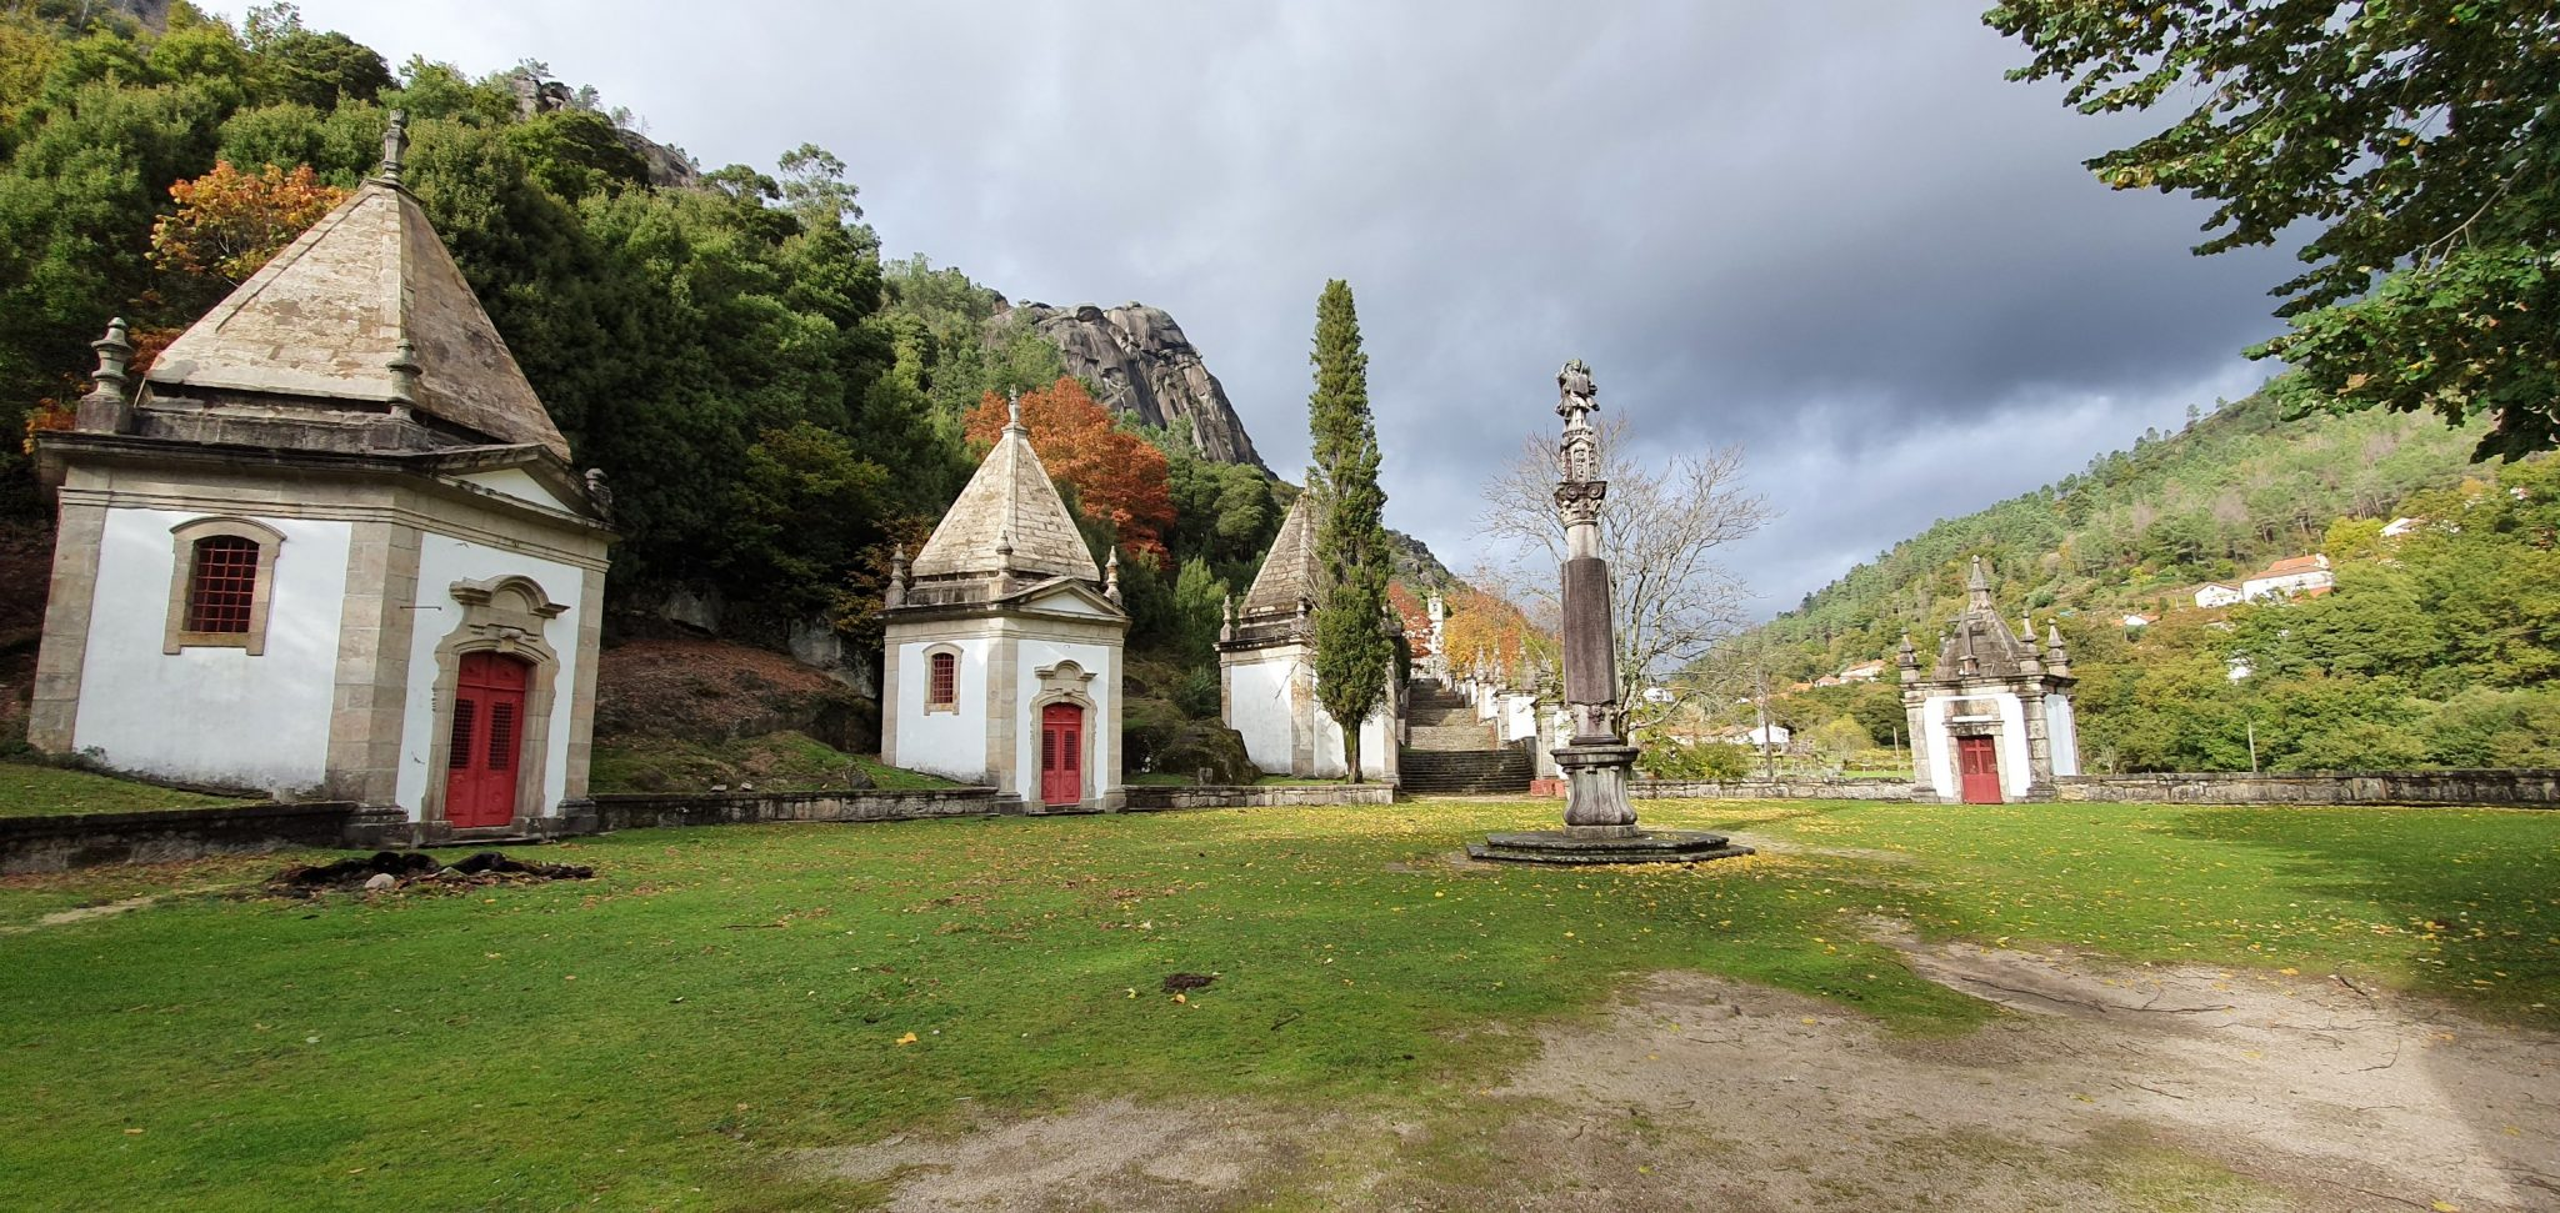 26 octobre : Parc national de Peneda-Gerès (suite)